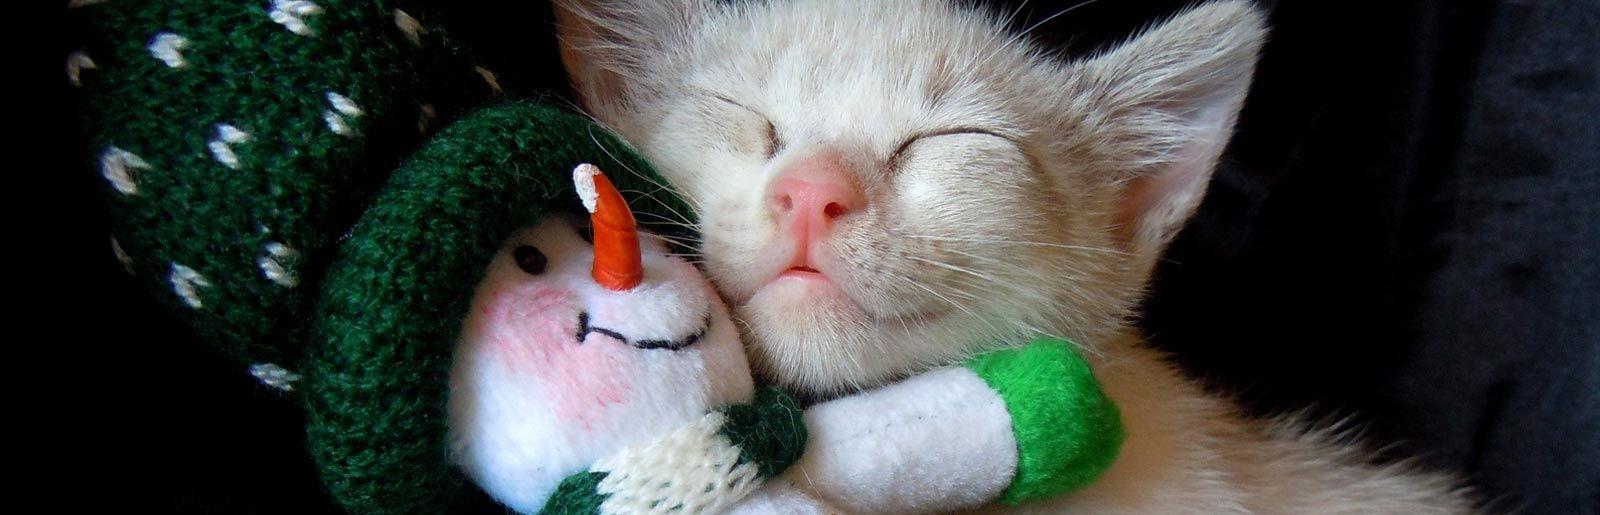 gatto-con-pupazzo-di-neve